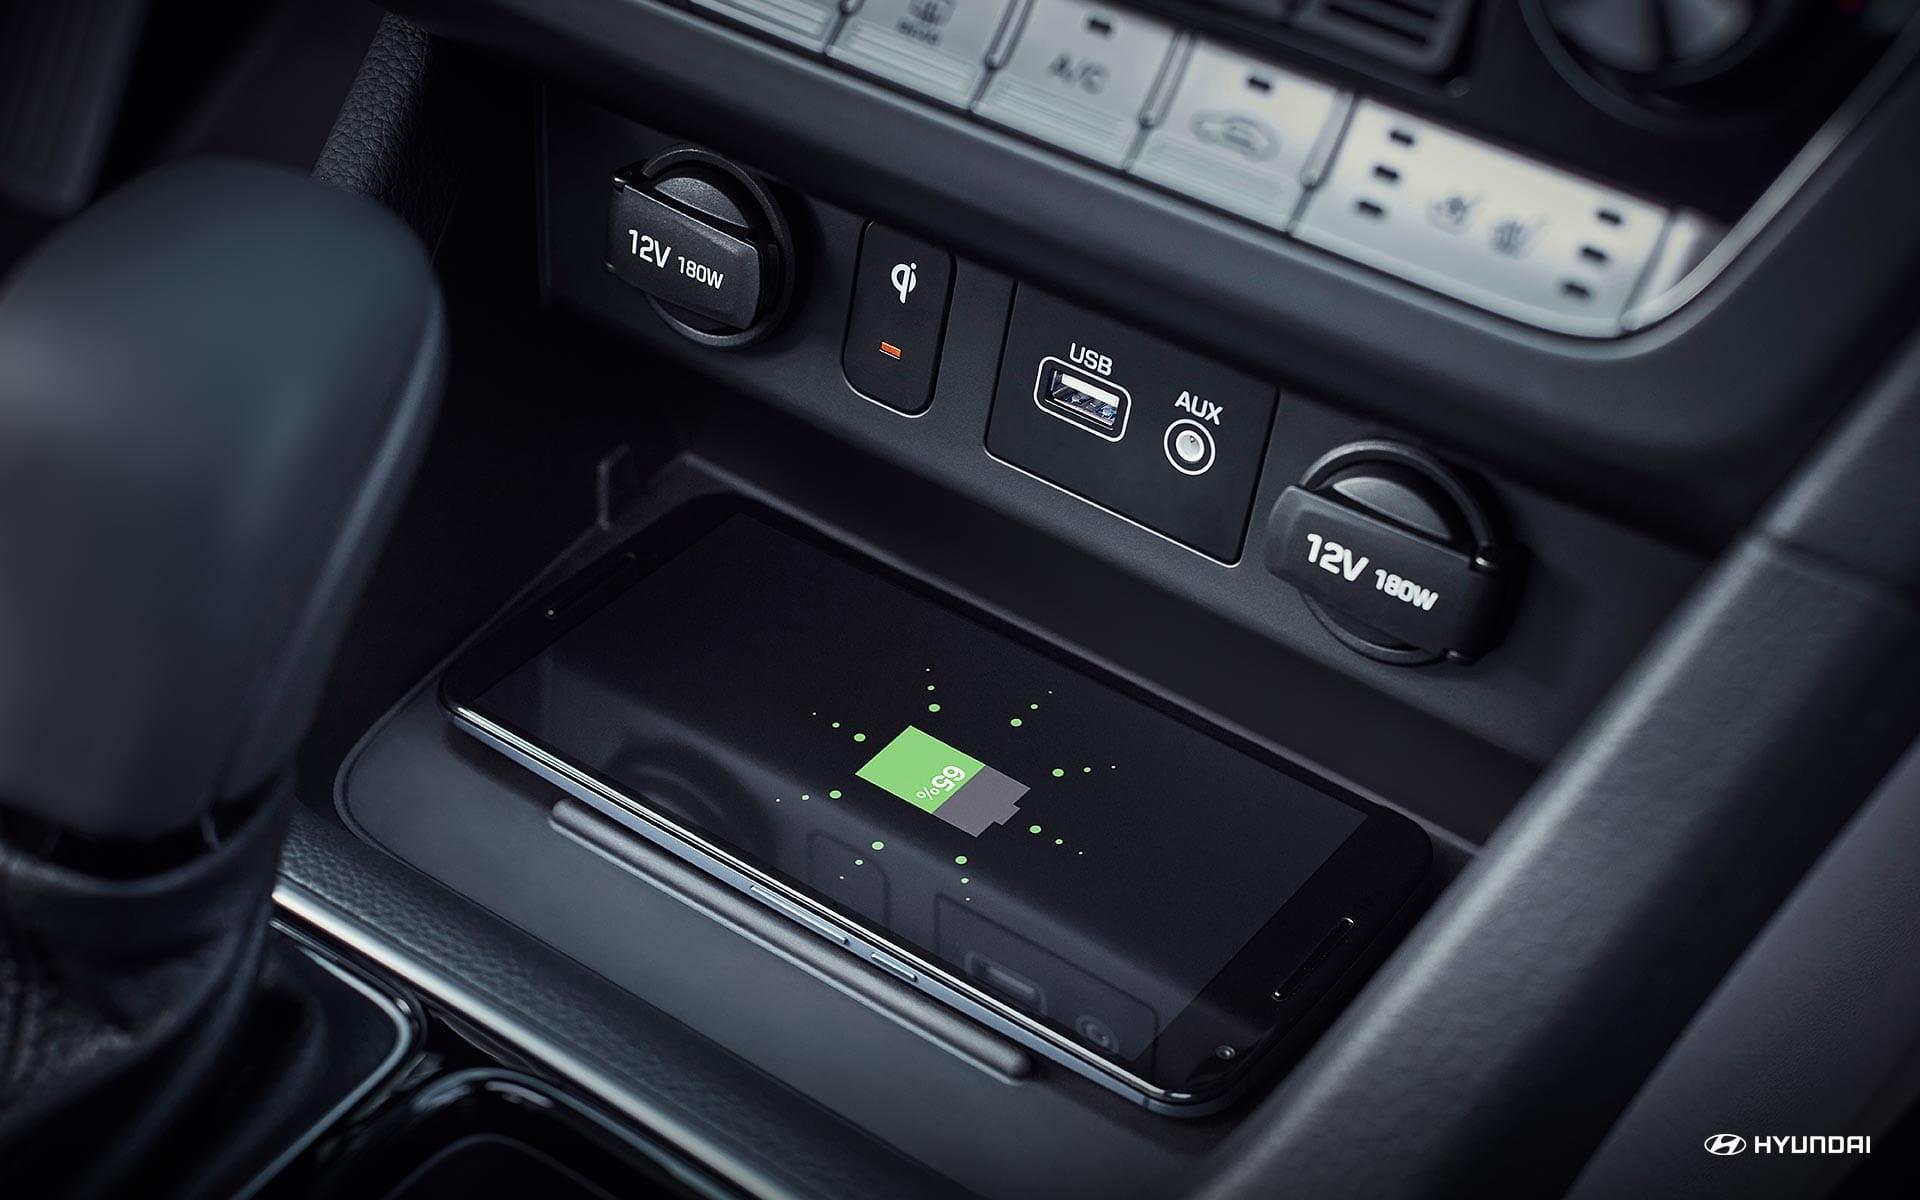 2019 Hyundai Sonata Wireless Charging